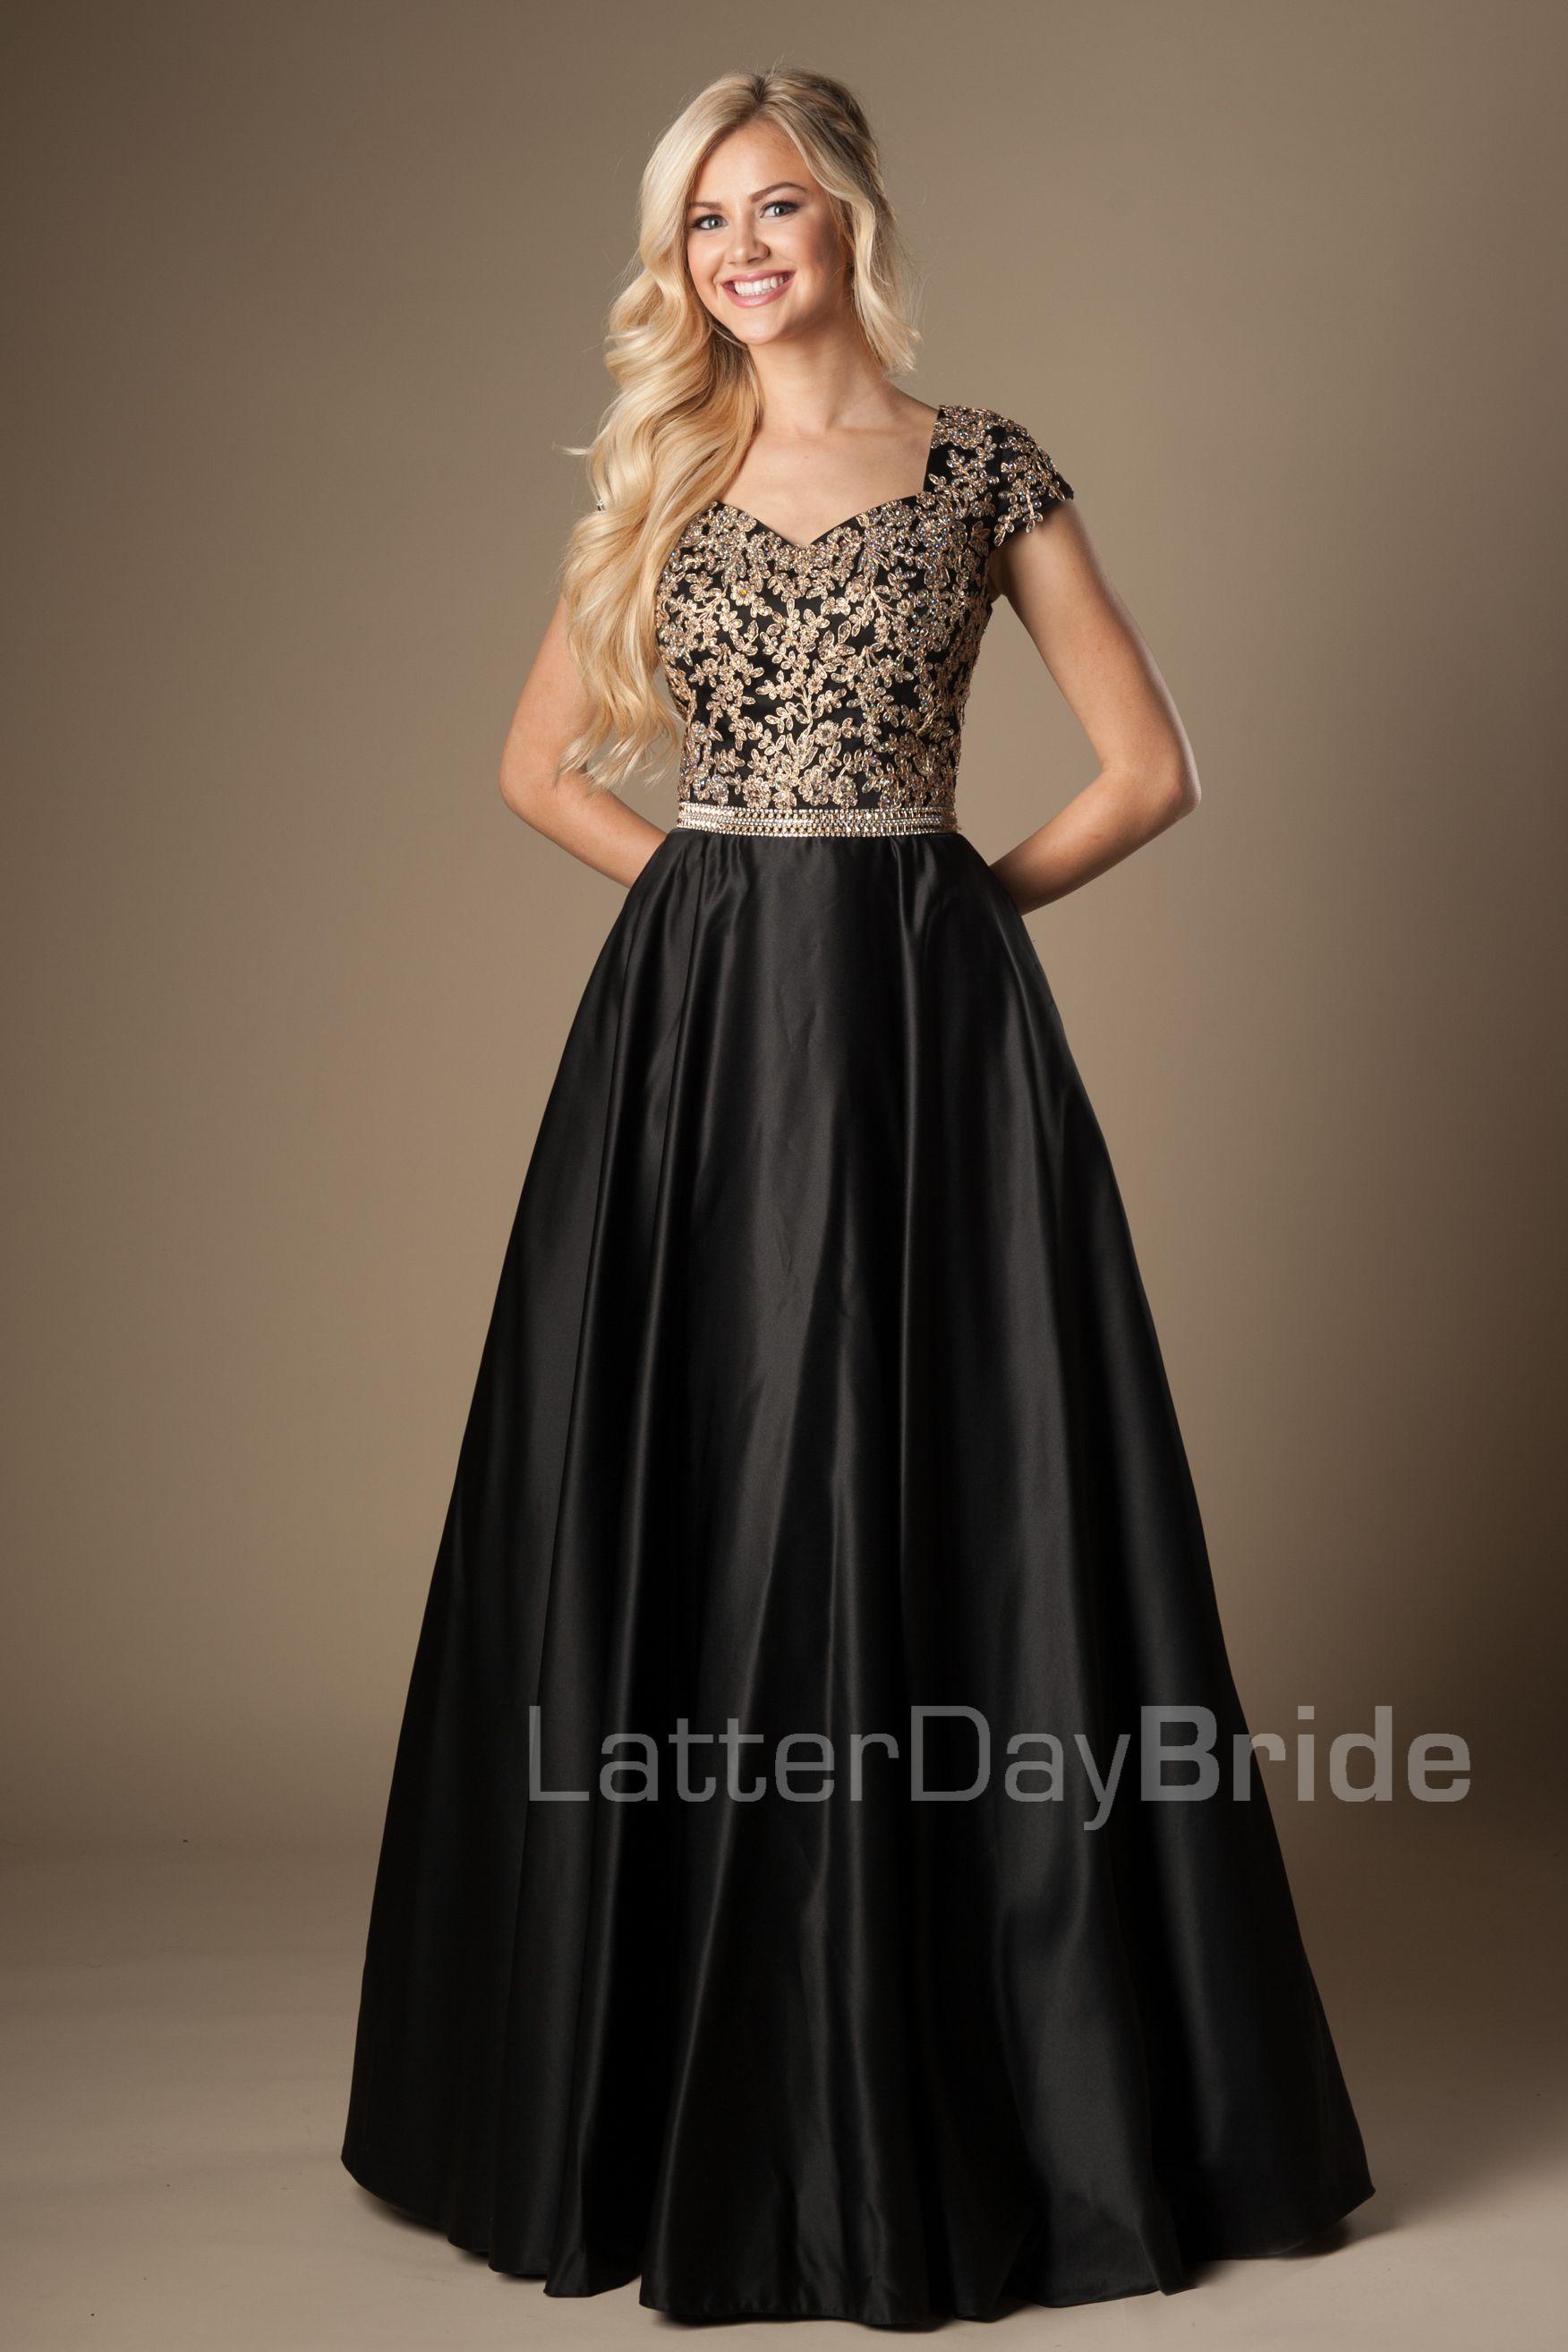 modest-prom-dress-emily-front-black.jpg | sunday best | Pinterest ...